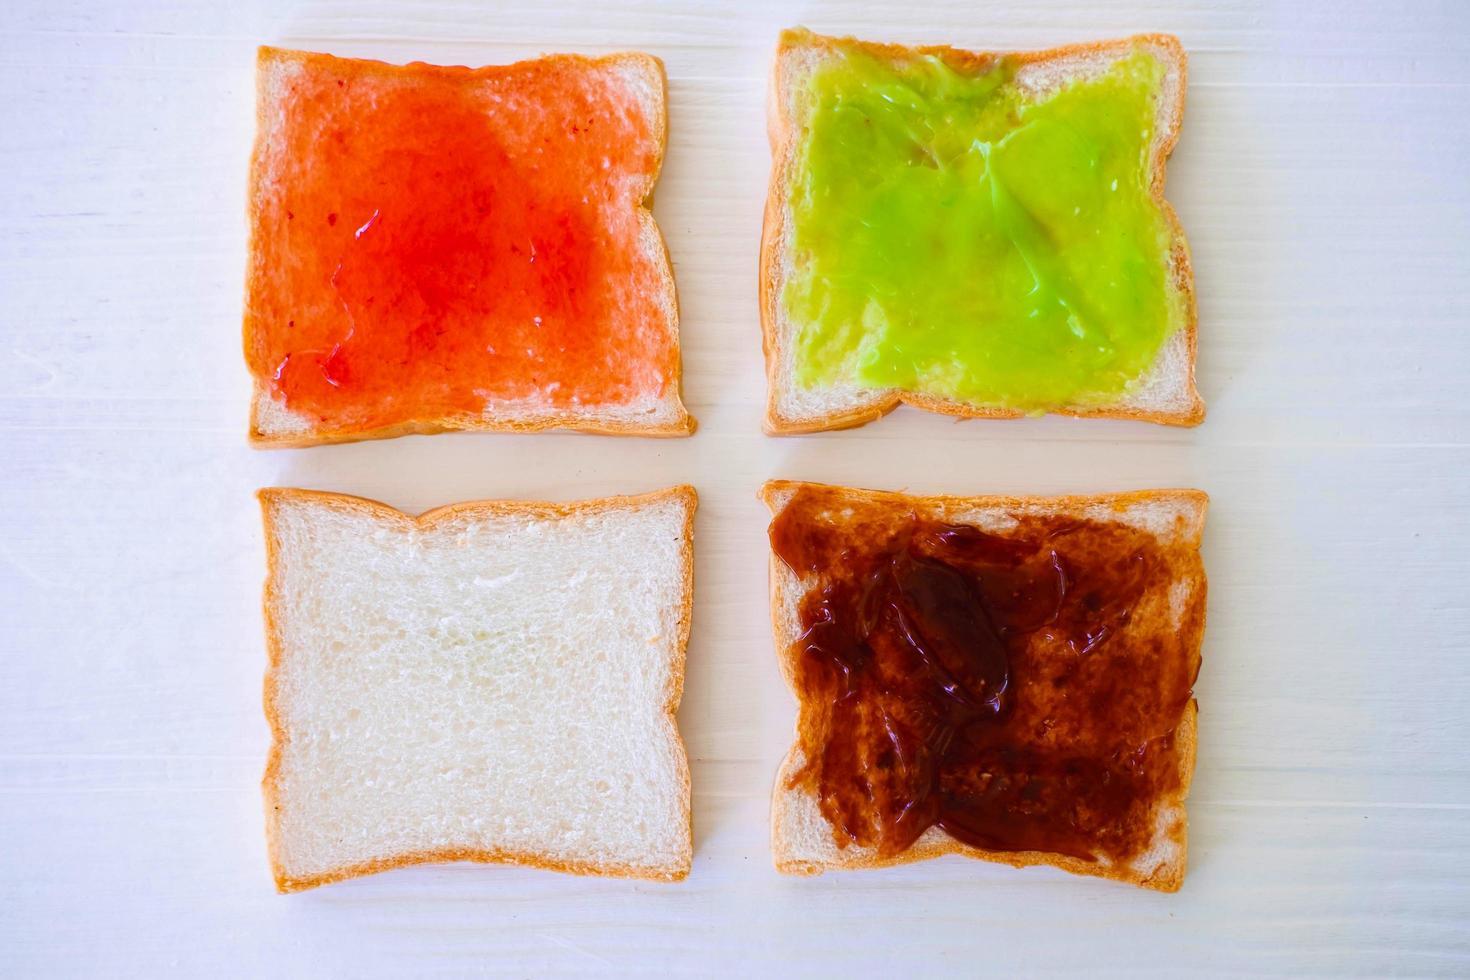 tostadas de pan con mermelada sobre un fondo blanco. foto